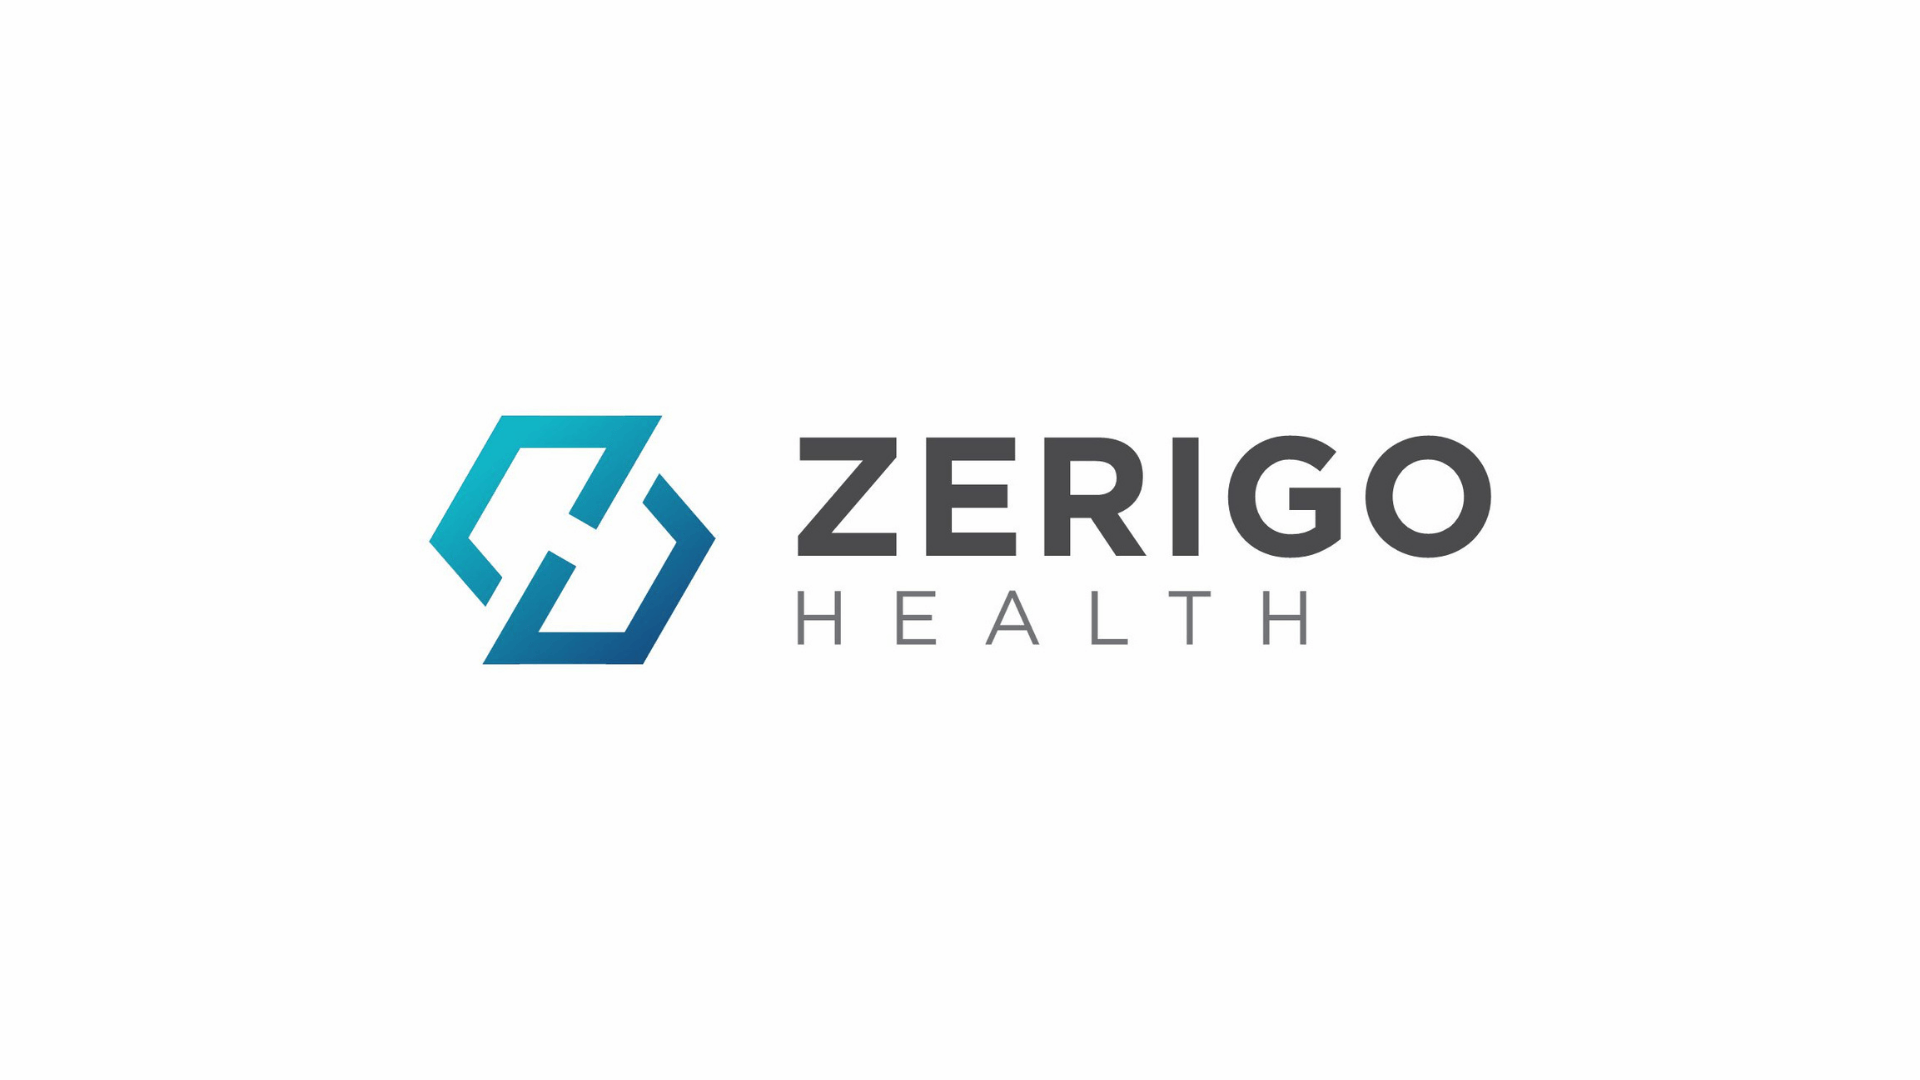 Cilt hastalıkları üzerine çalışan Zerigo Health, 43 milyon dolar yatırım aldı